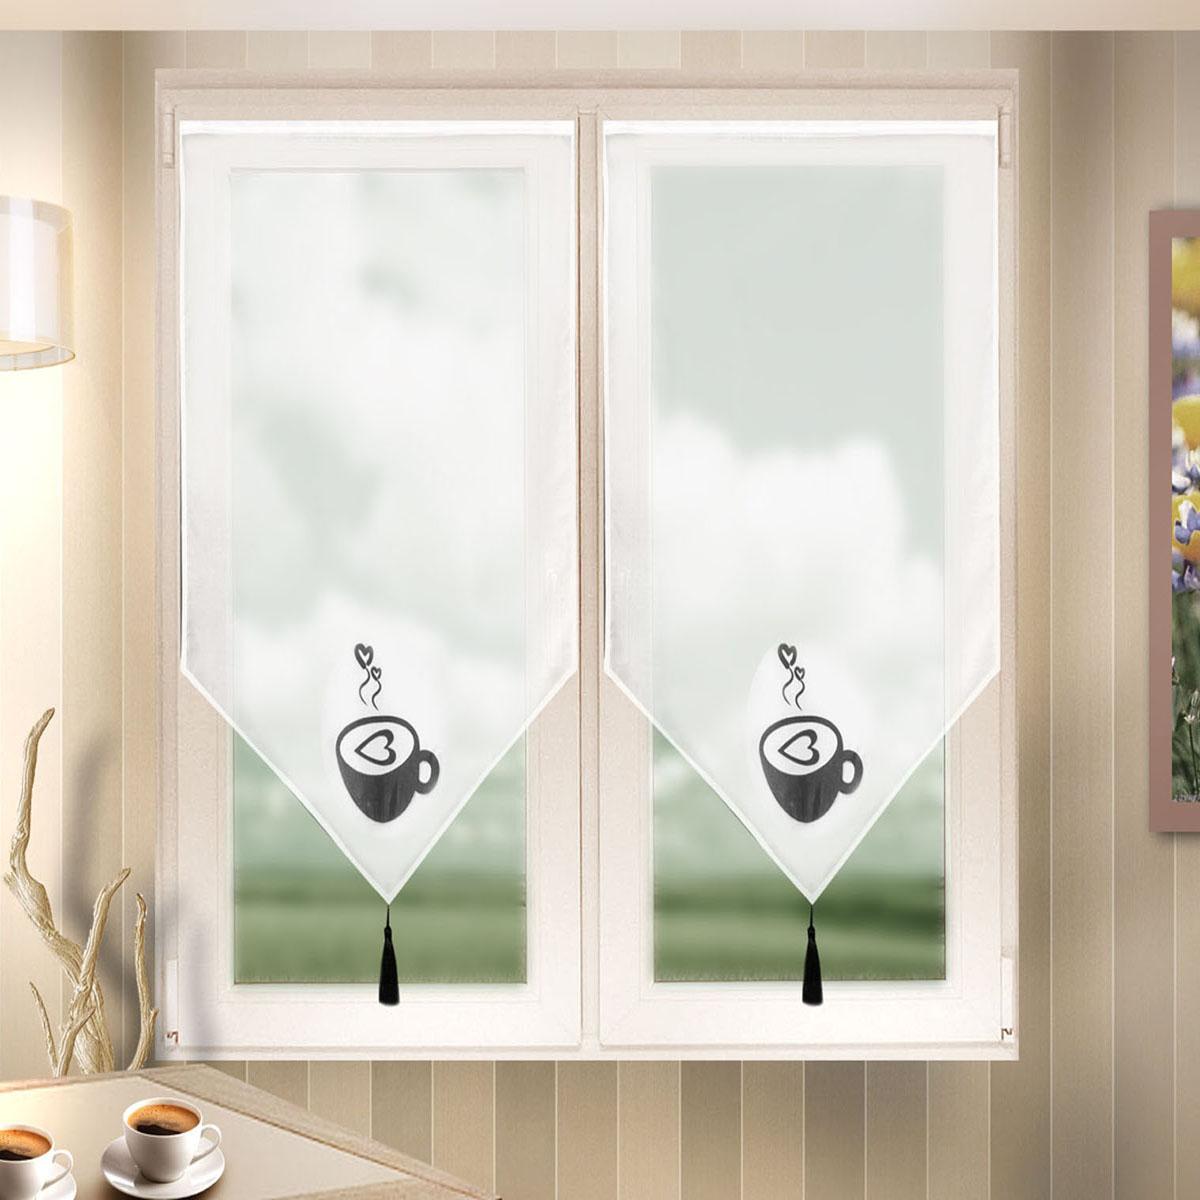 Гардина Zlata Korunka, цвет: белый, ширина 60 см, высота 90 см. 666024/2666024/2Лучшая альтернатива рулонным шторам на кухне – шторы на липкой ленте. Особенность этих штор заключается в том, что они имеют липкую основу в месте крепления . Лента или основа надежно и быстро крепится на раму окна, а на нее фиксируется сама штора. Размеры: ширина 60* высота 90